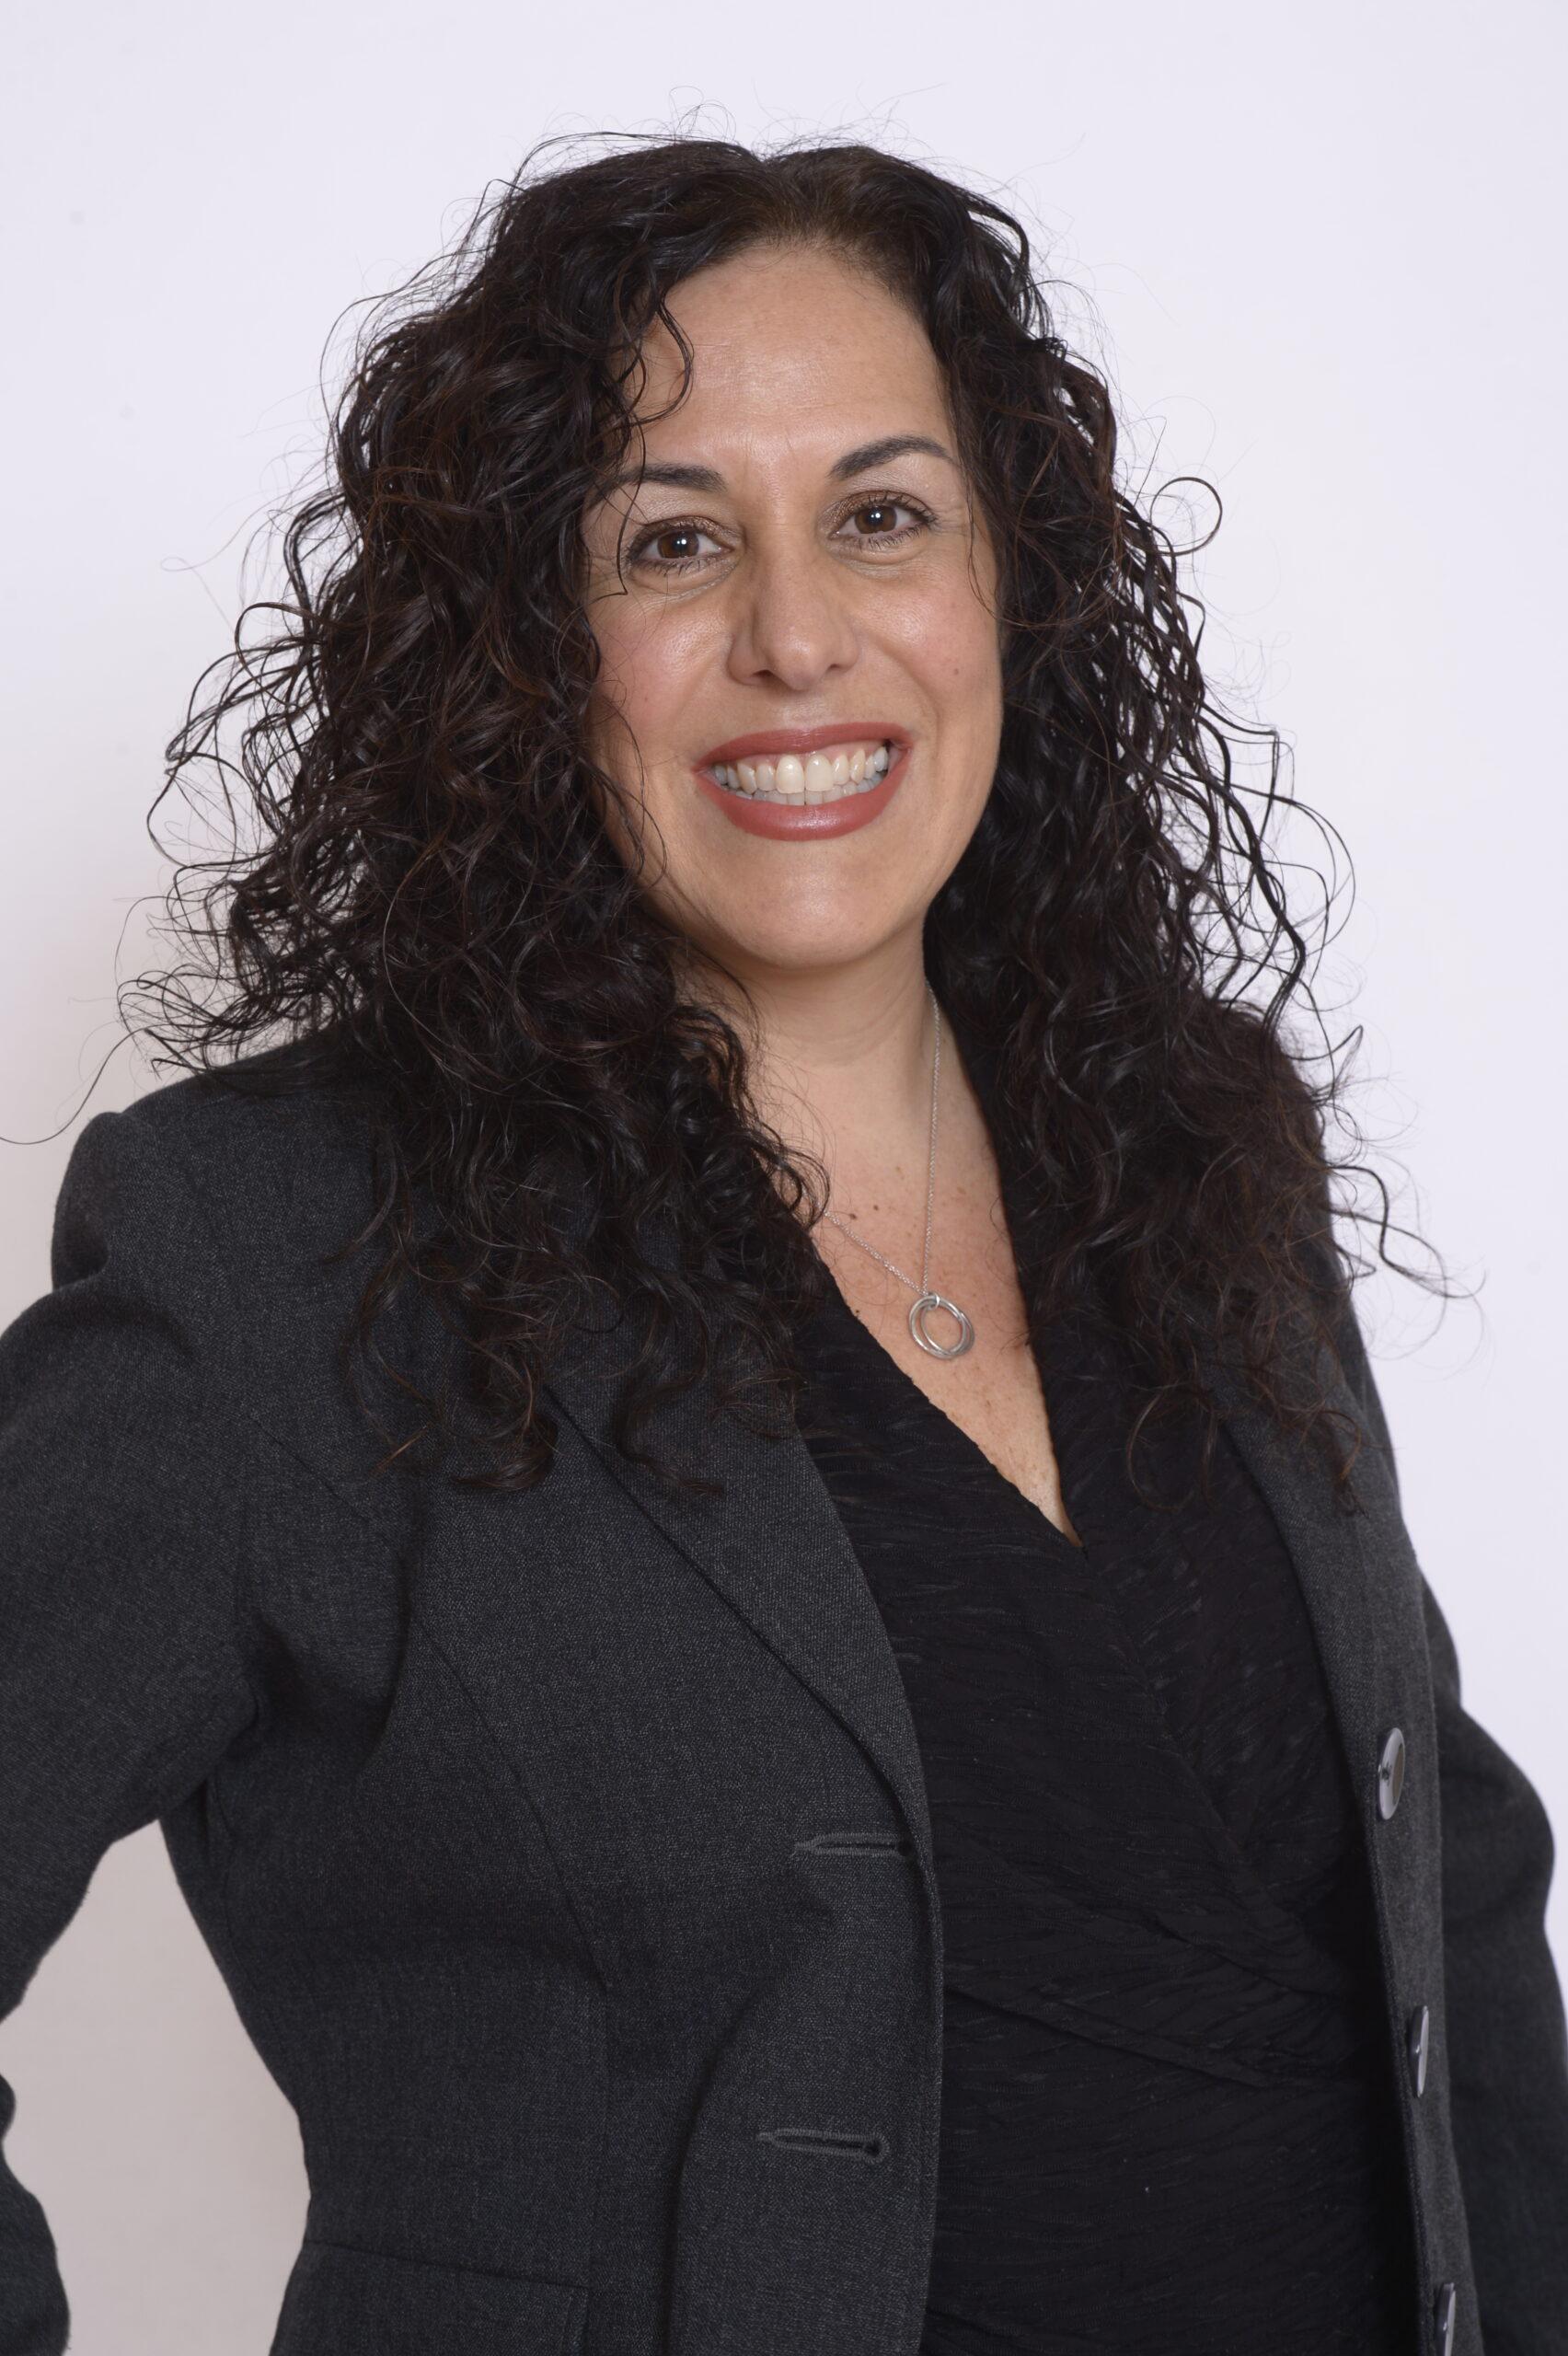 Angela Ciarlariello-Bondy, GECDSB, OYAP